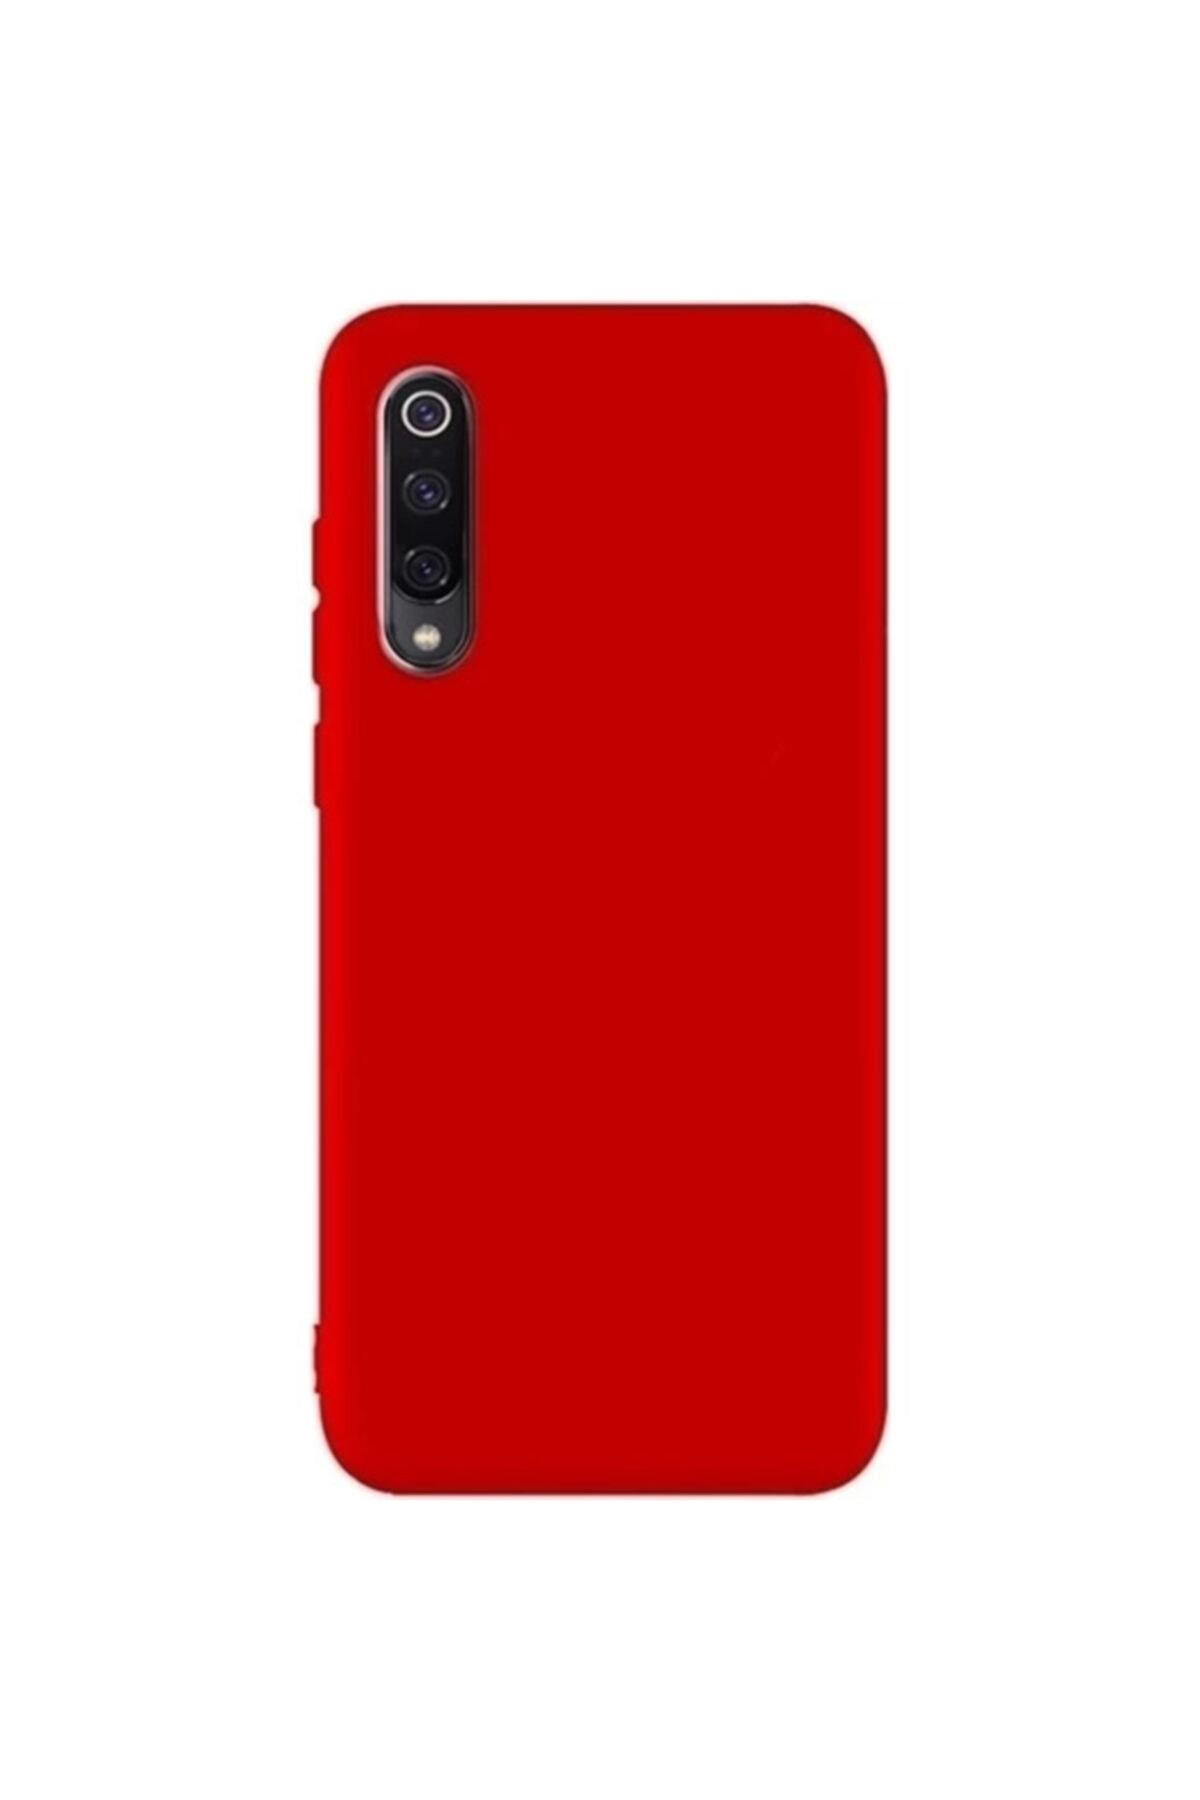 Zengin Çarşım Xiaomi Mi 9 - Mi 9 Lite Yumuşak Silikon Kılıf Kırmızı 1